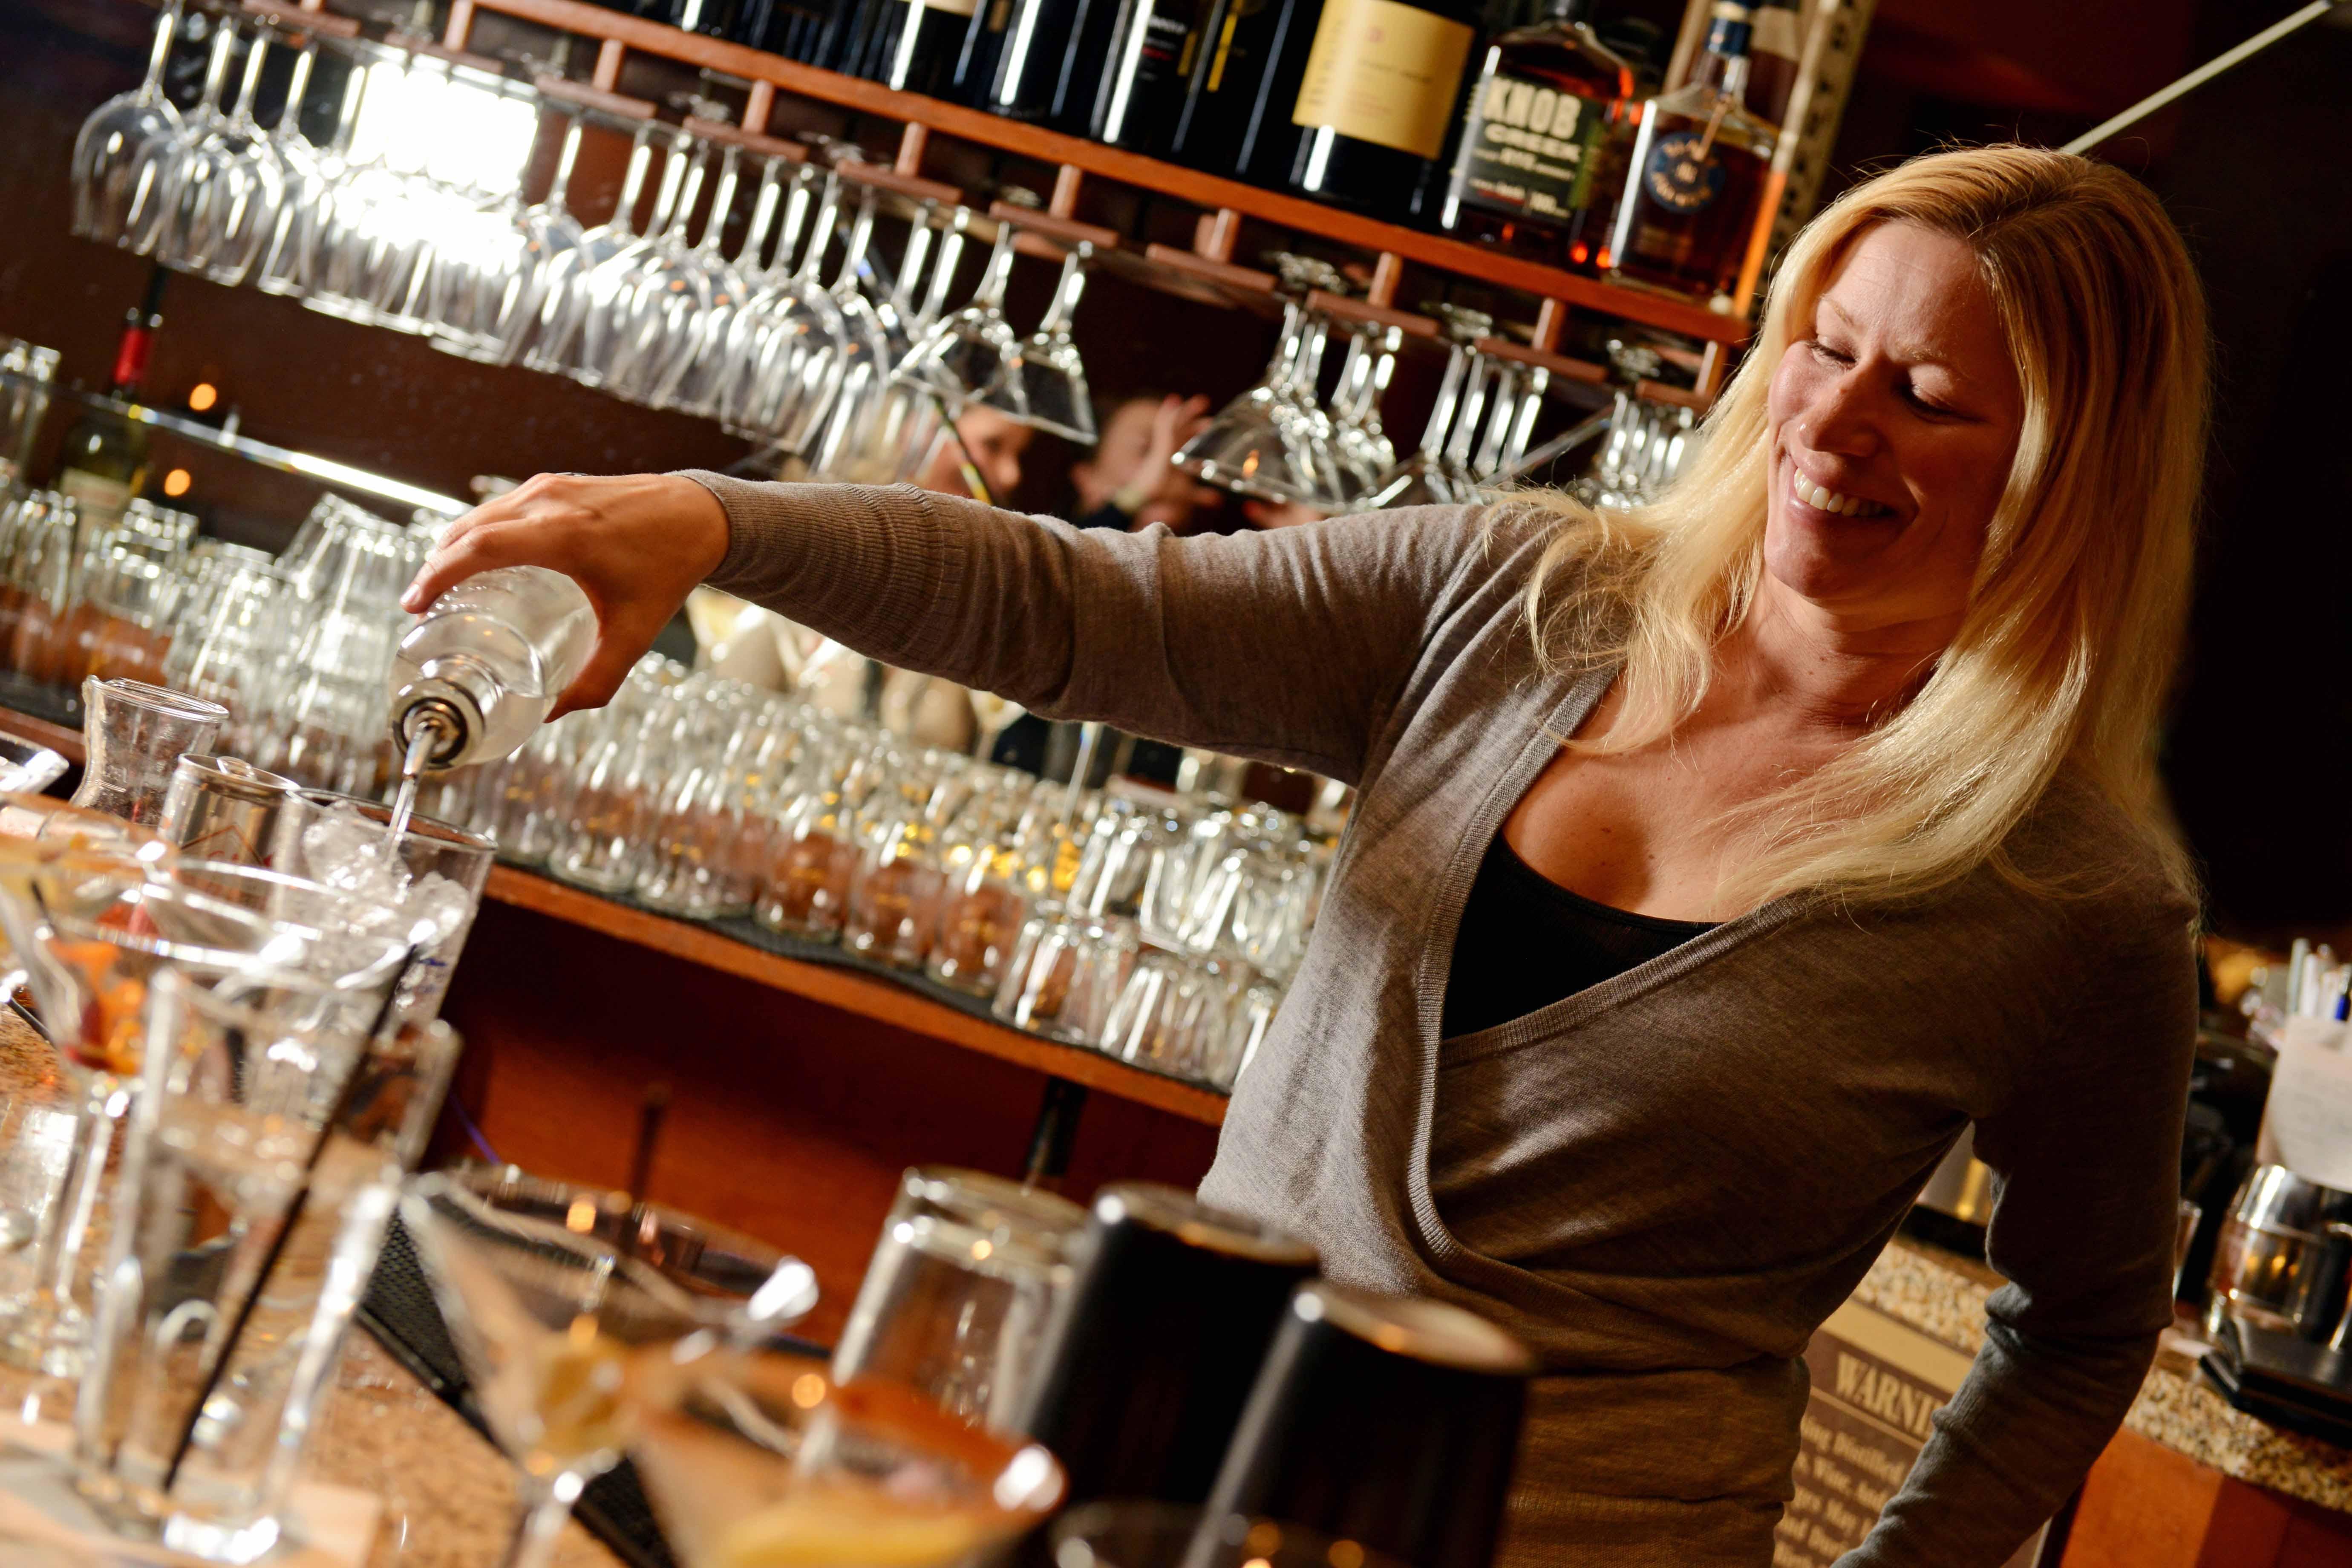 jill New bartender_sm